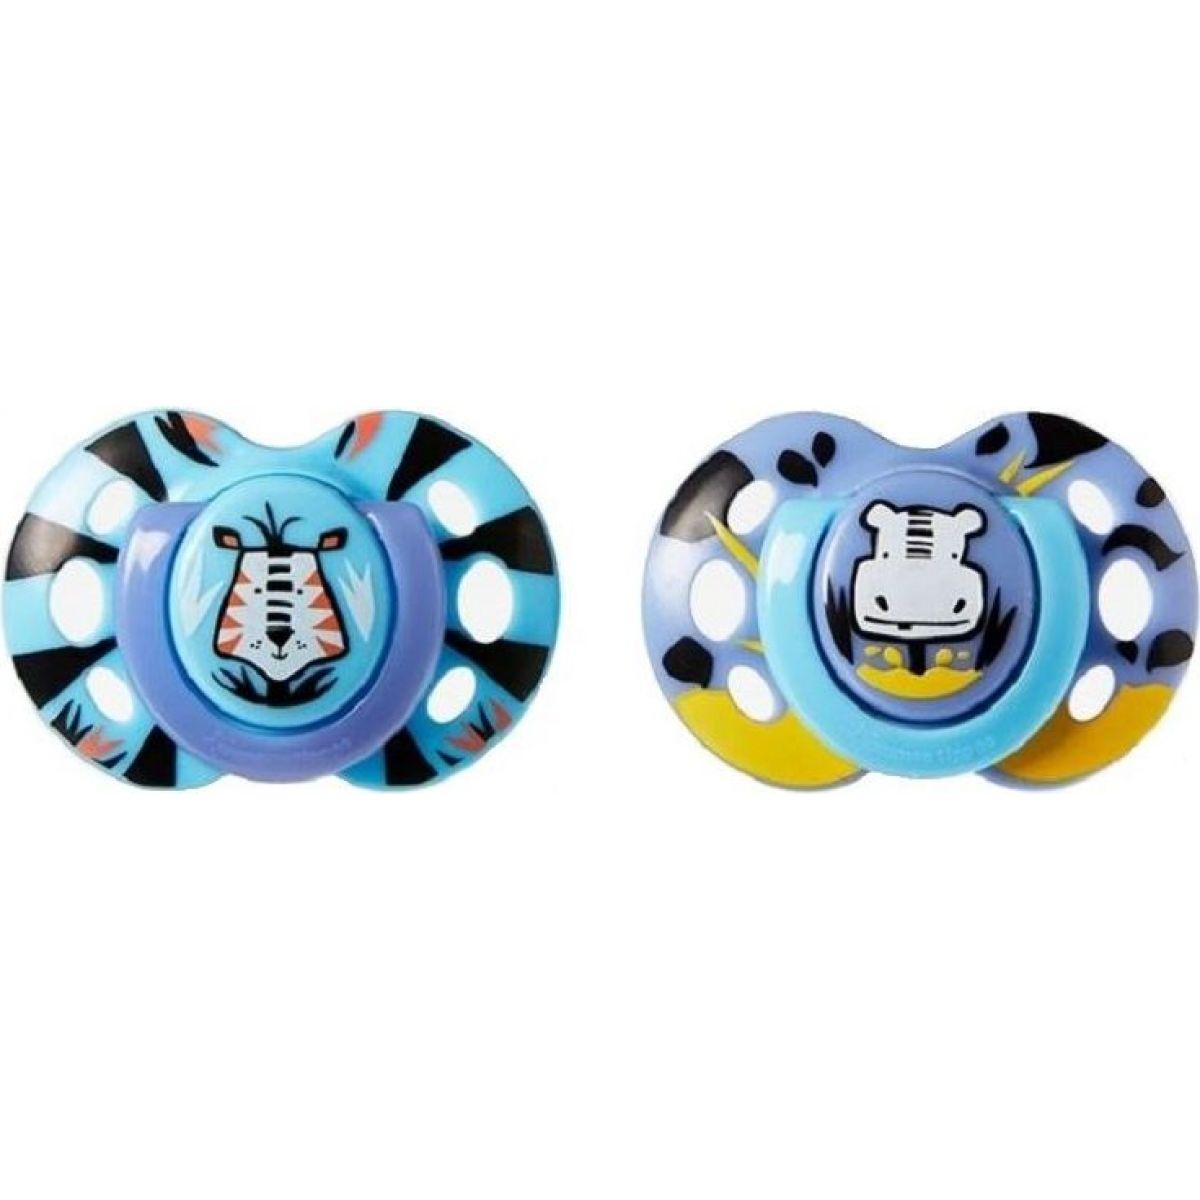 Tomme Tippee Šidítko C2N silikon Fun 2ks 6-18m tmavě modré